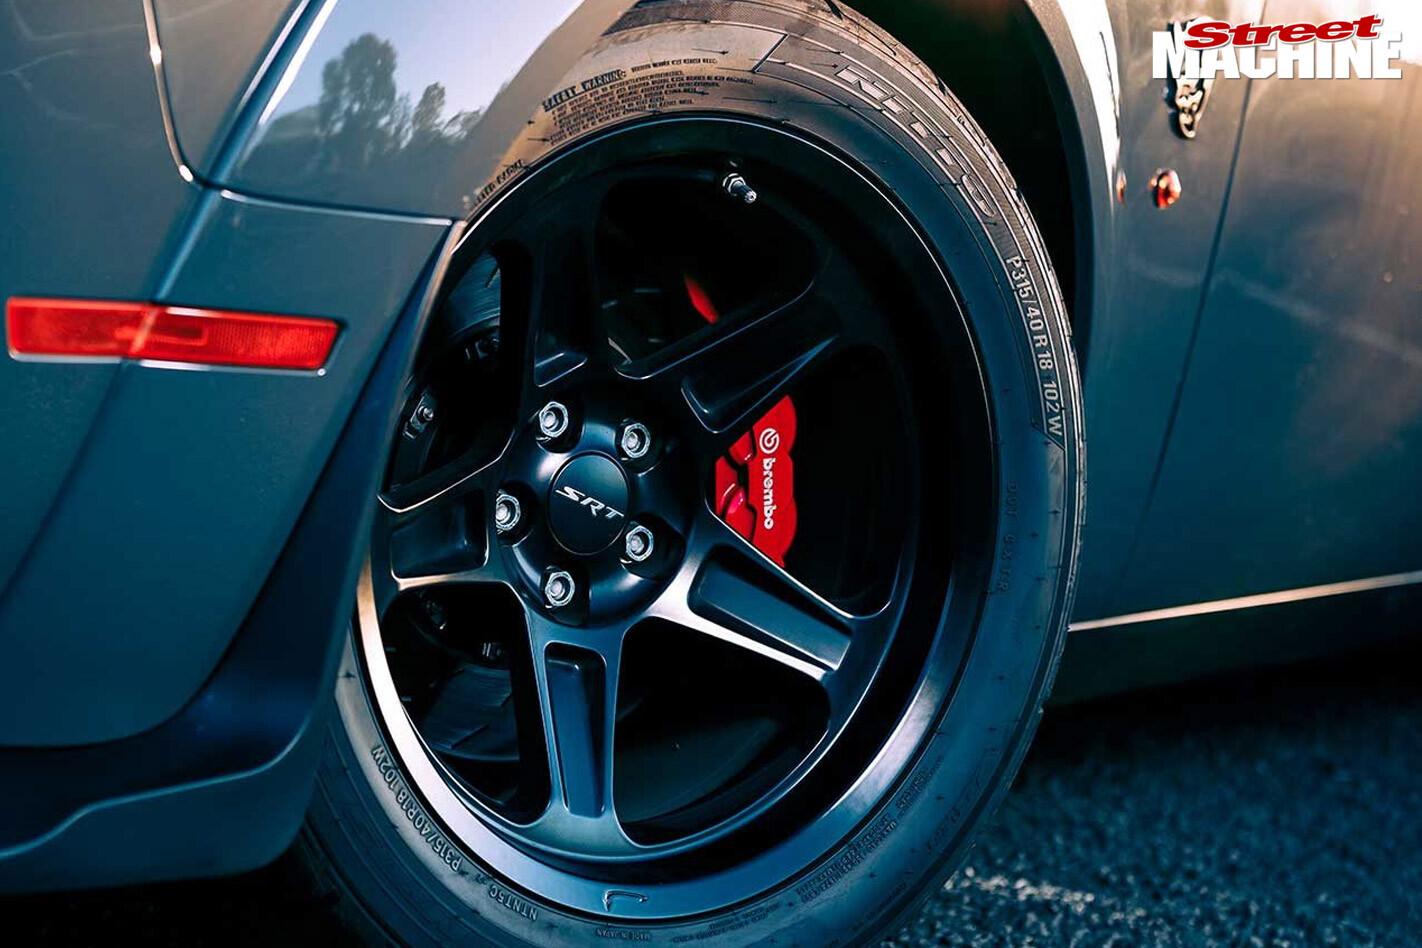 Dodge SRT brakes